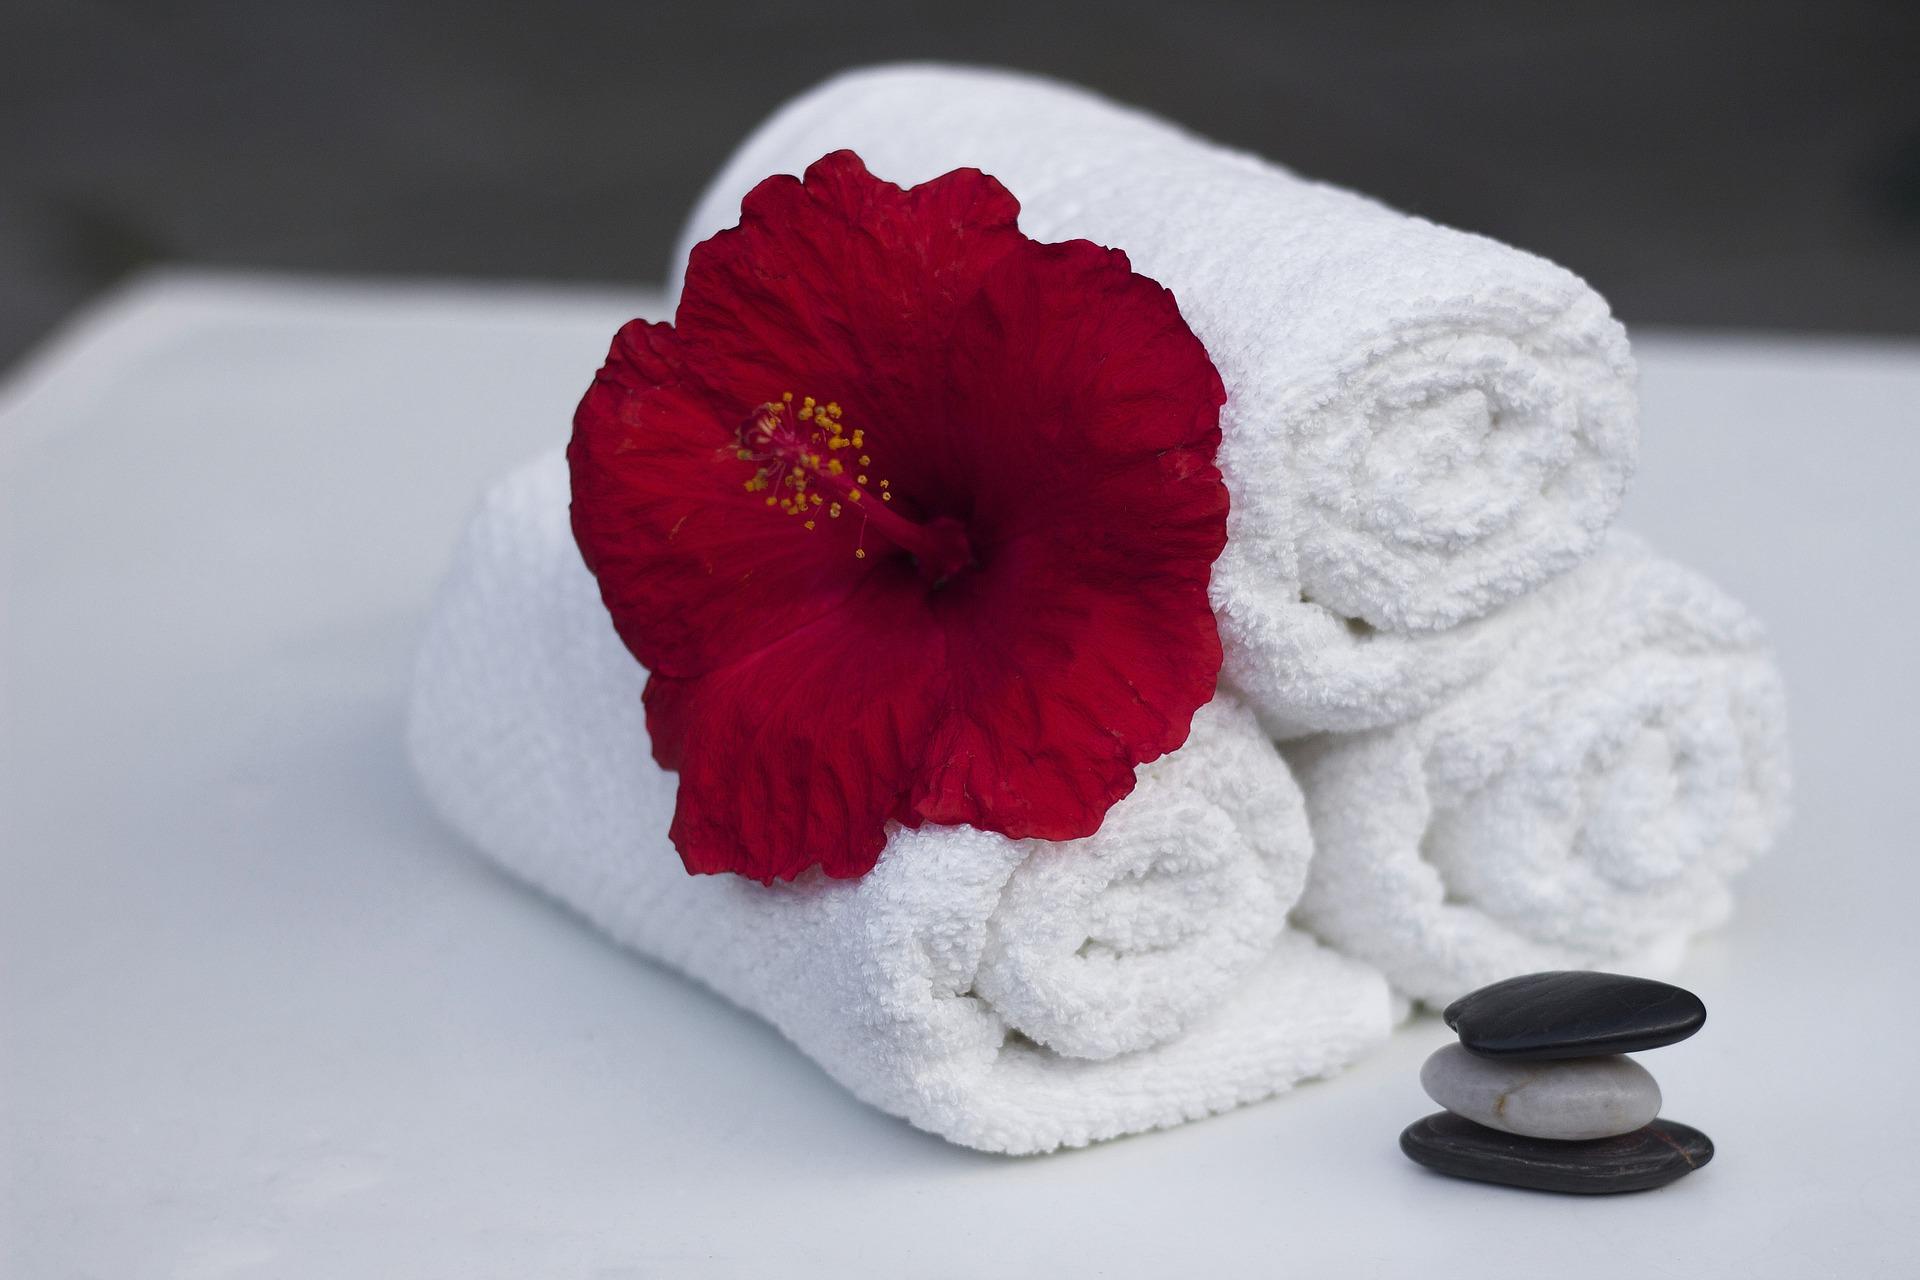 towel-860325_1920.jpg